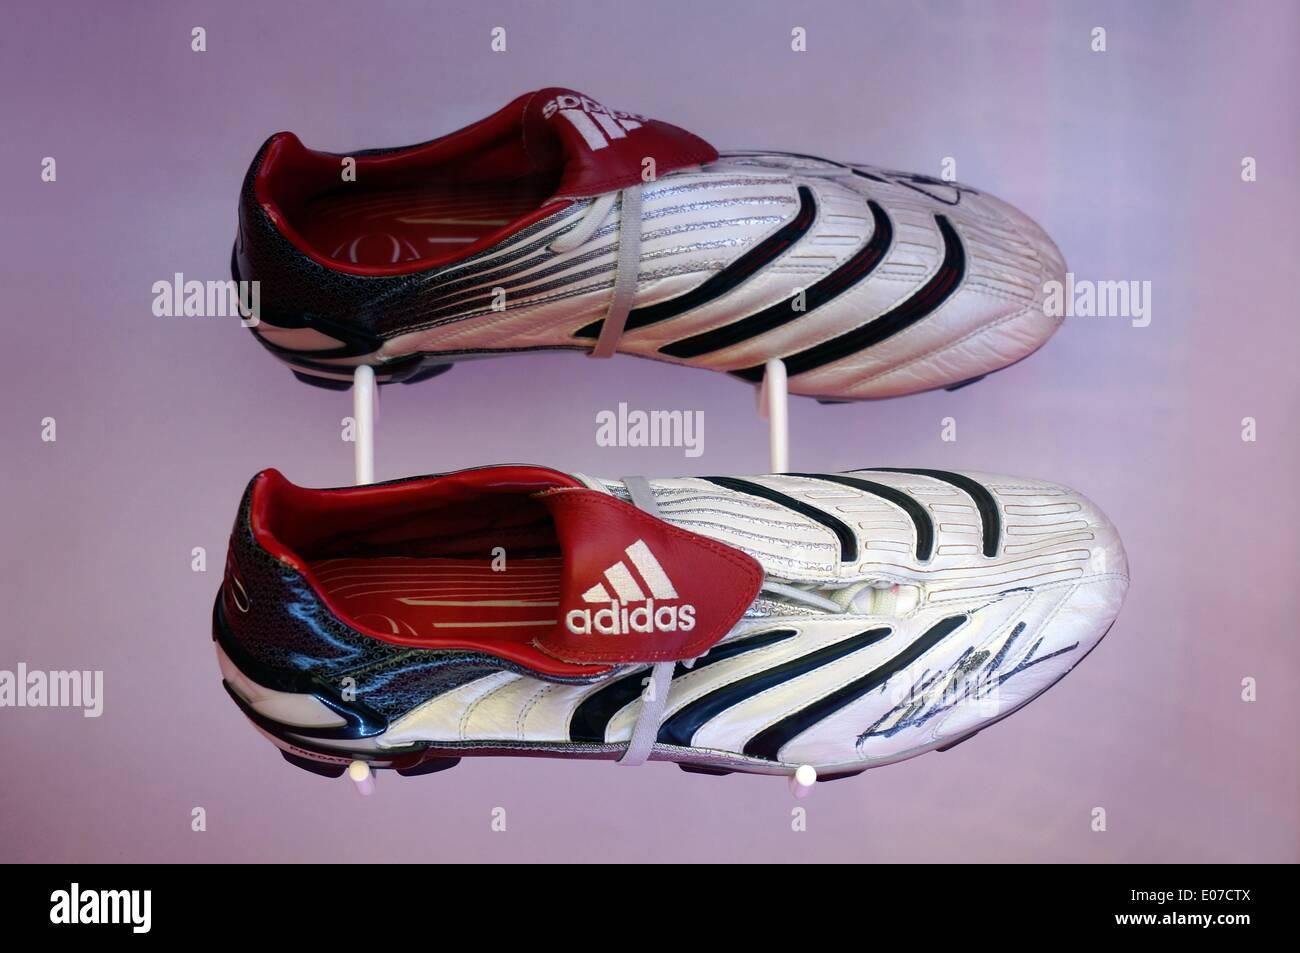 Berlin, Deutschland. 22. September 2013. Die signierte Schuhe von Ricardo Kaka aus der Saison 2006/2007 sind auf Stockfoto